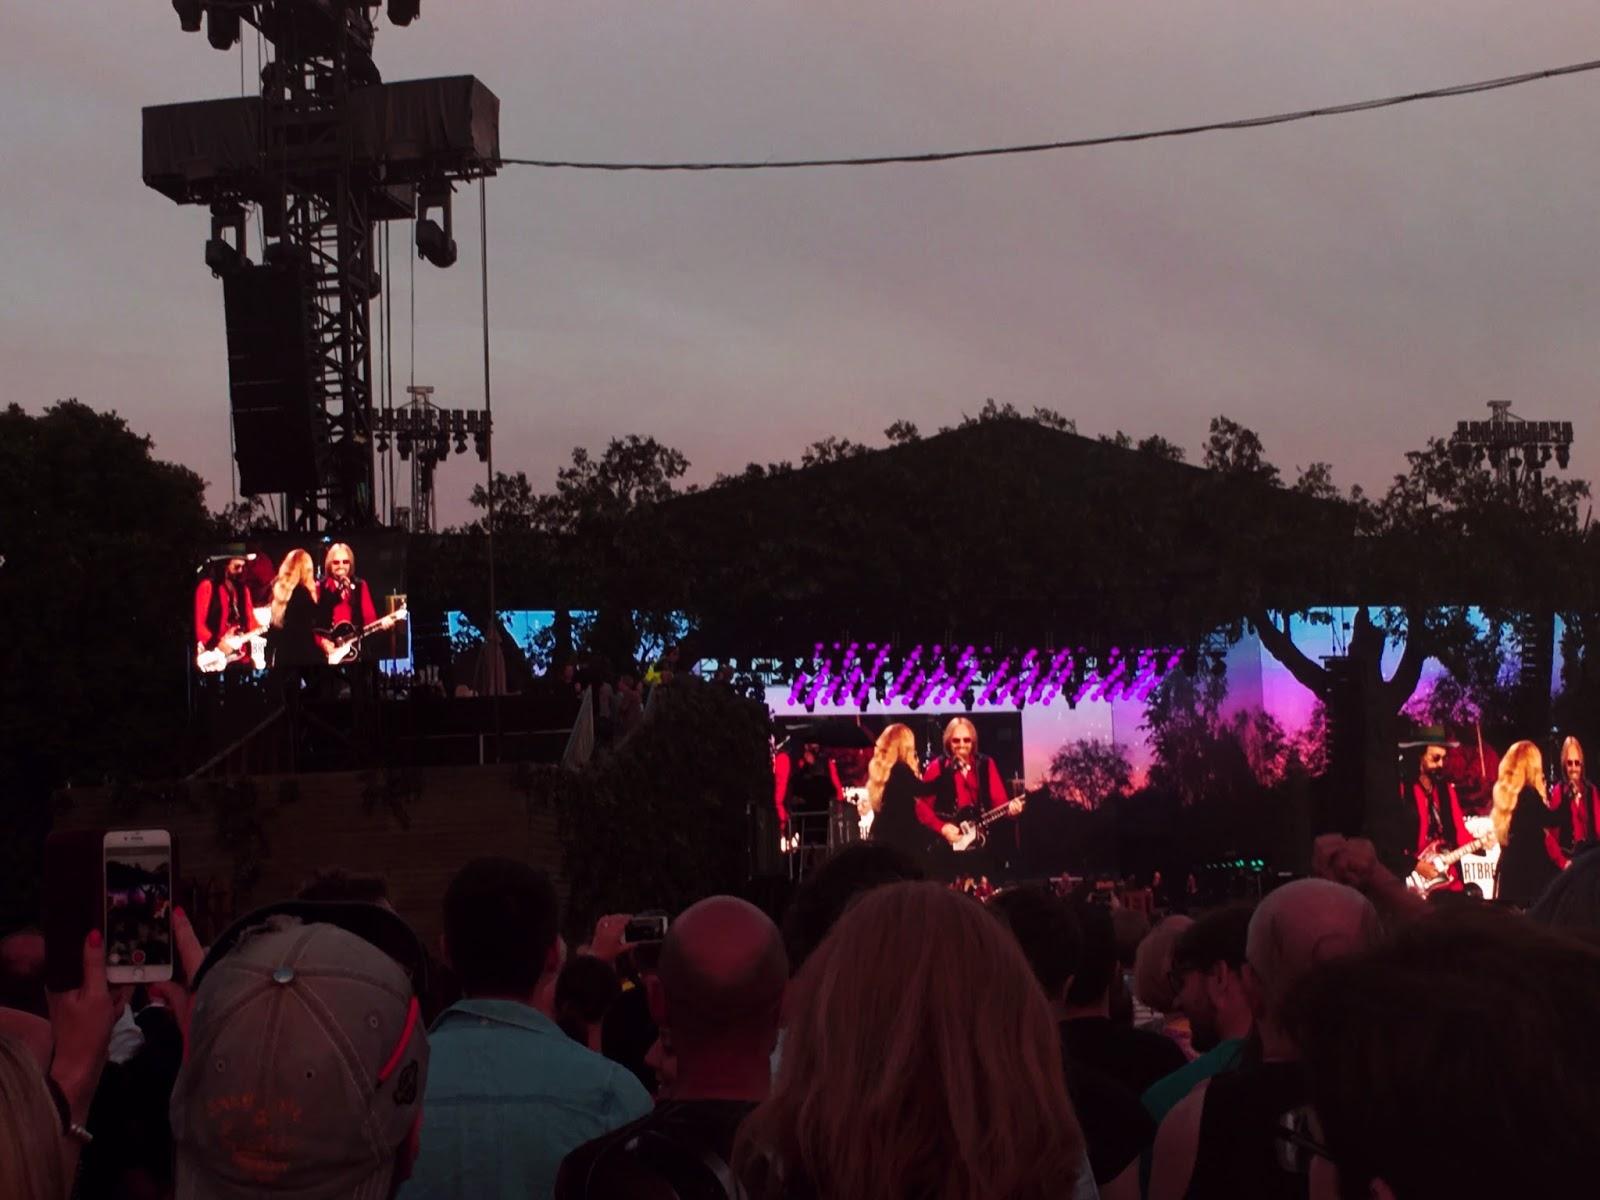 BST Hyde Park 2017, Tom Petty, Stevie Nicks